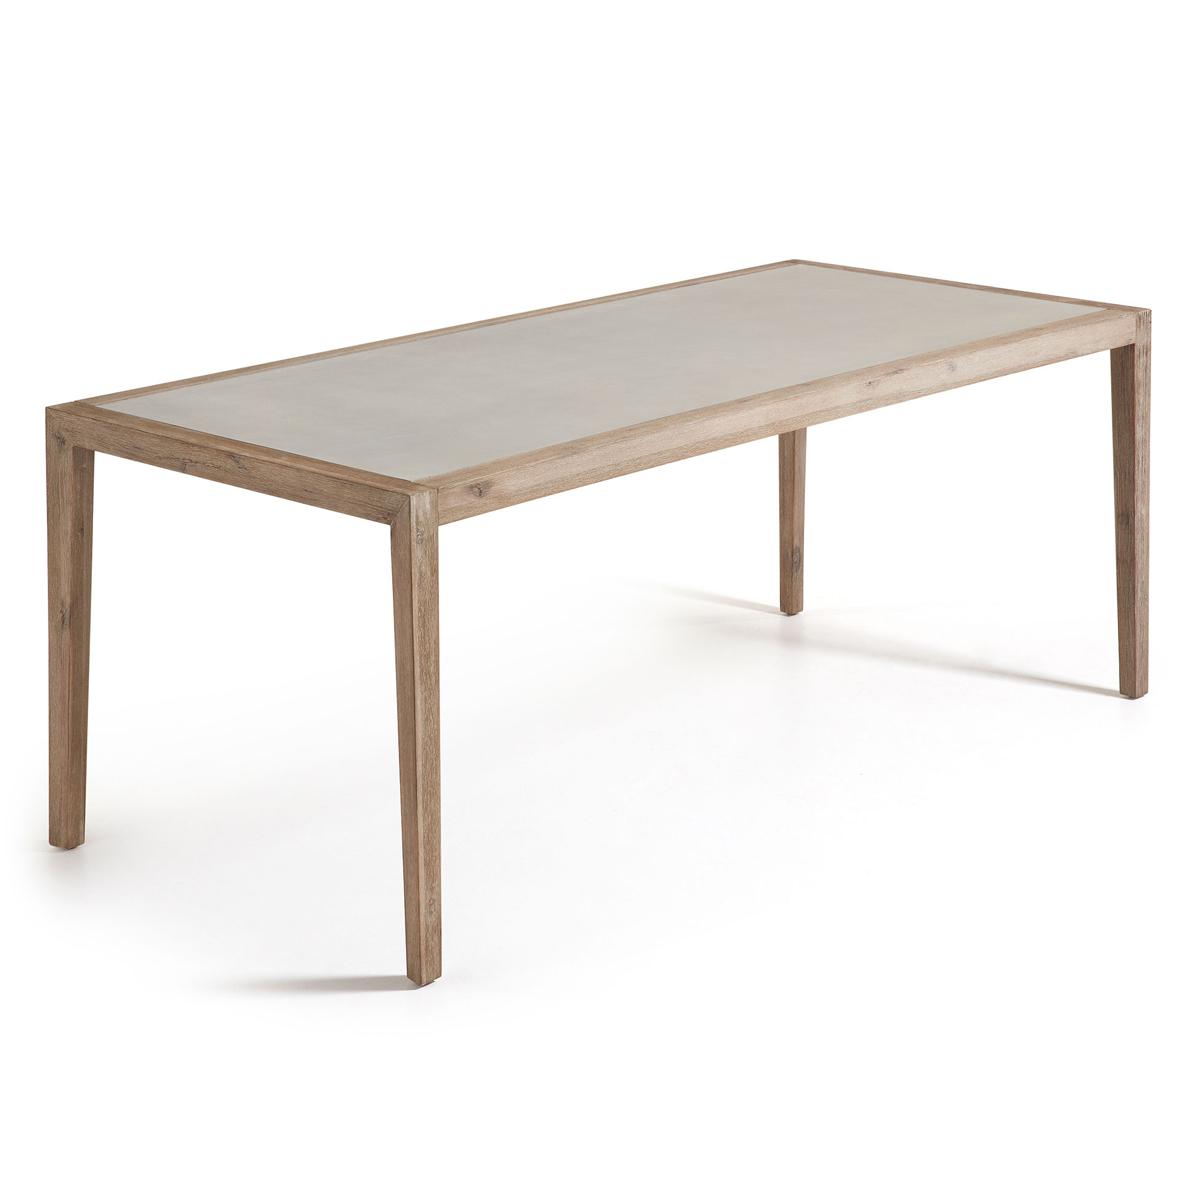 Table rectangulaire en eucalyptus - Naturel - H 76 x 200 cm